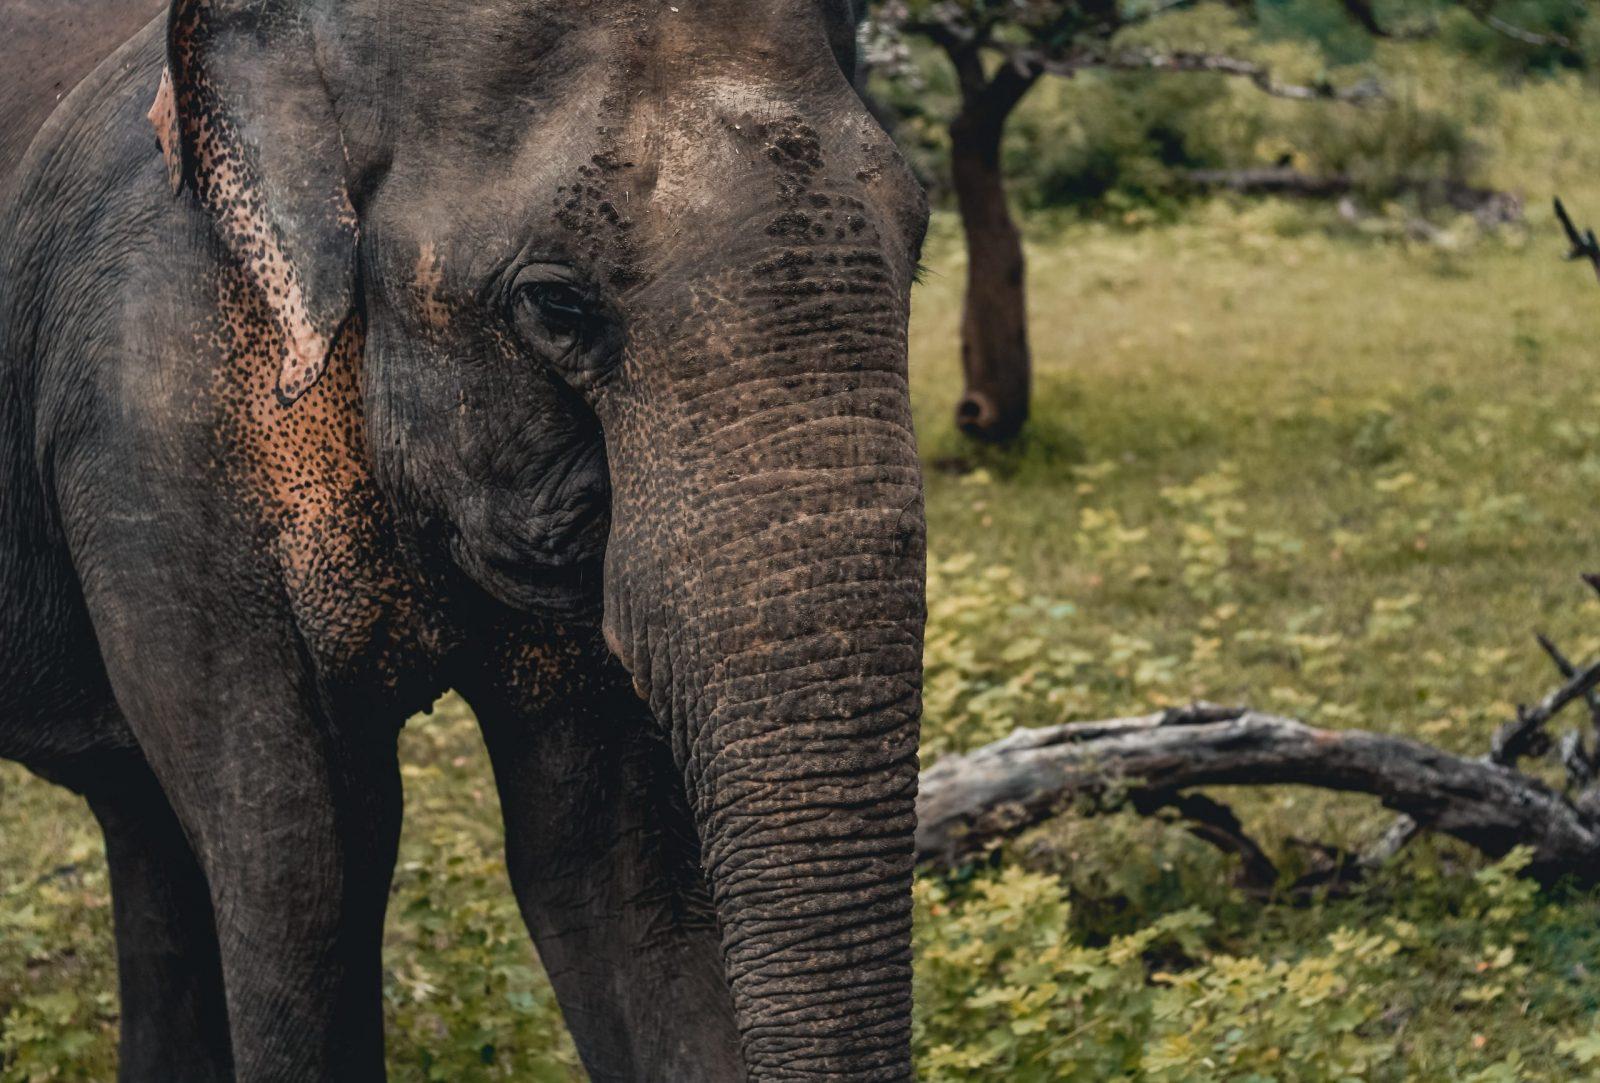 most ethical elephant sanctuary - elephant transit home in sri lanka